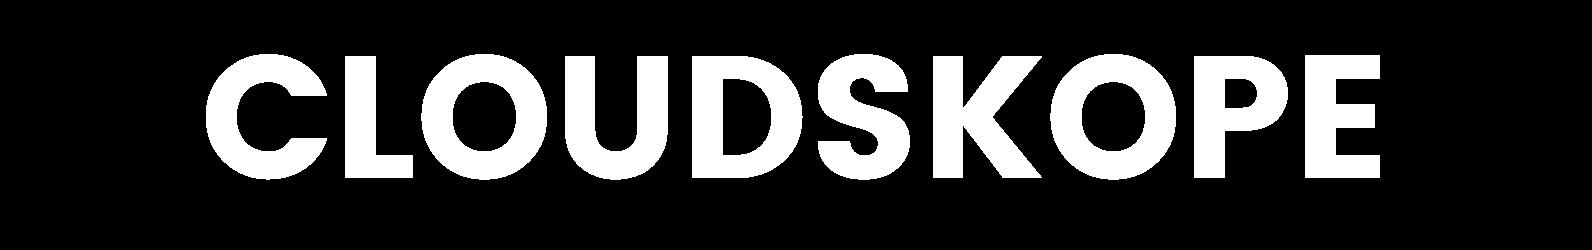 Cloudskope logo white